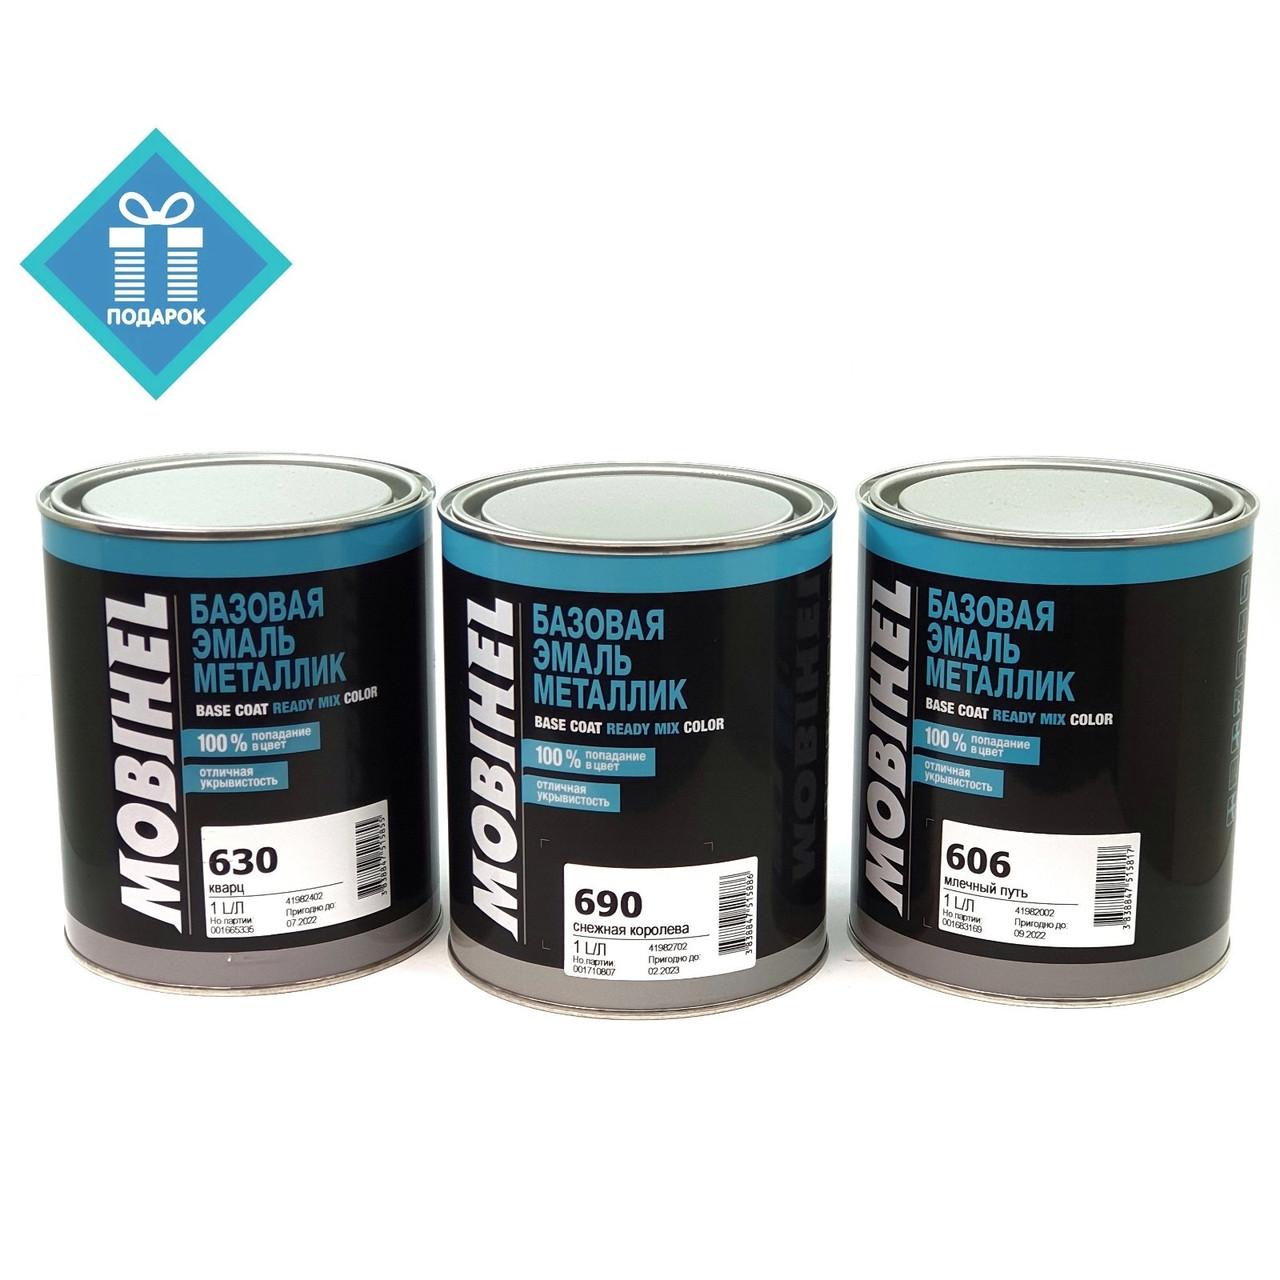 Авто краска (автоэмаль) металлик Mobihel (Мобихел) 434 Голубая молния 1л